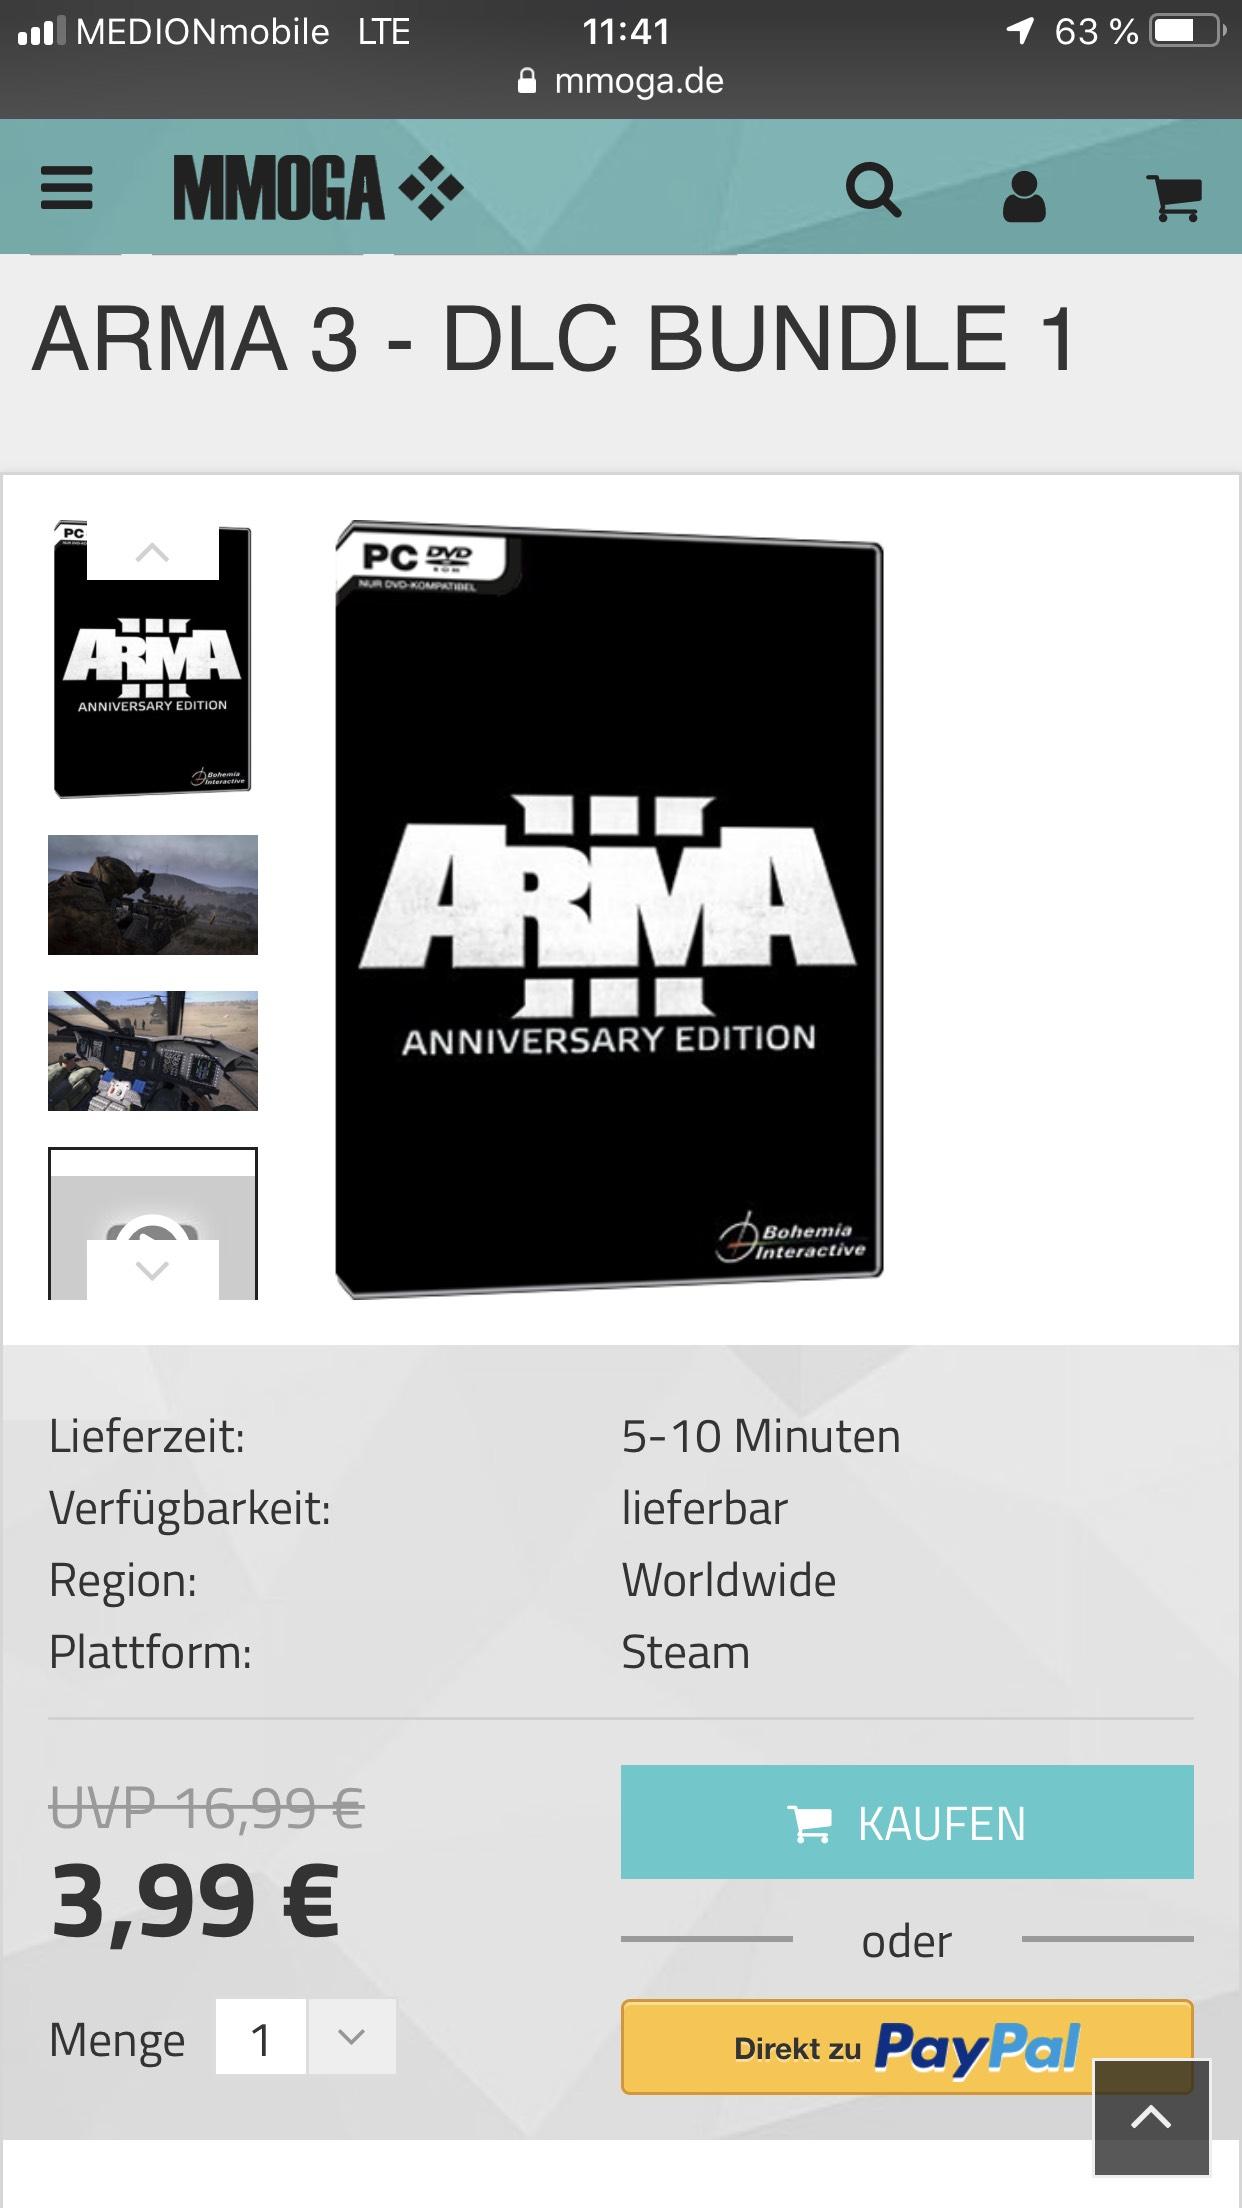 ArmA 3 DLC Bundle 1 ( Karts, Helikopter, Marksmen[Ghillie Suit]) bei MMOGA